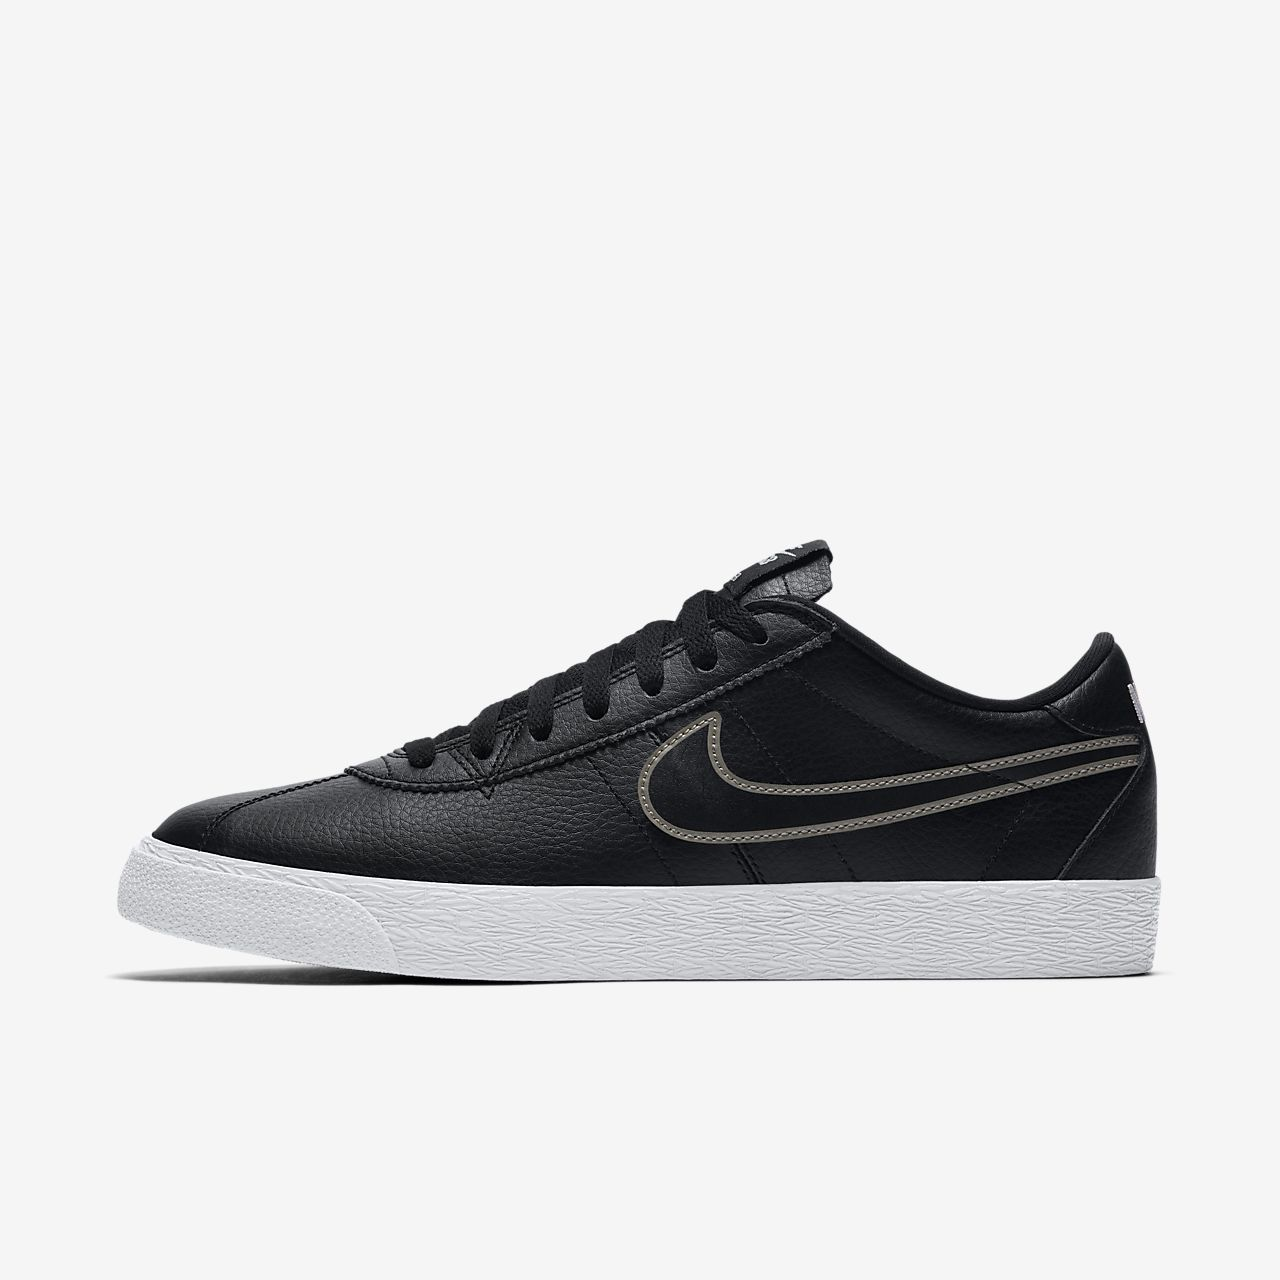 da45d2f21f1f boutique Pas Cher Excellente Nike SB Zoom Bruin Chaussure - black white  Vente Paiement De Visa